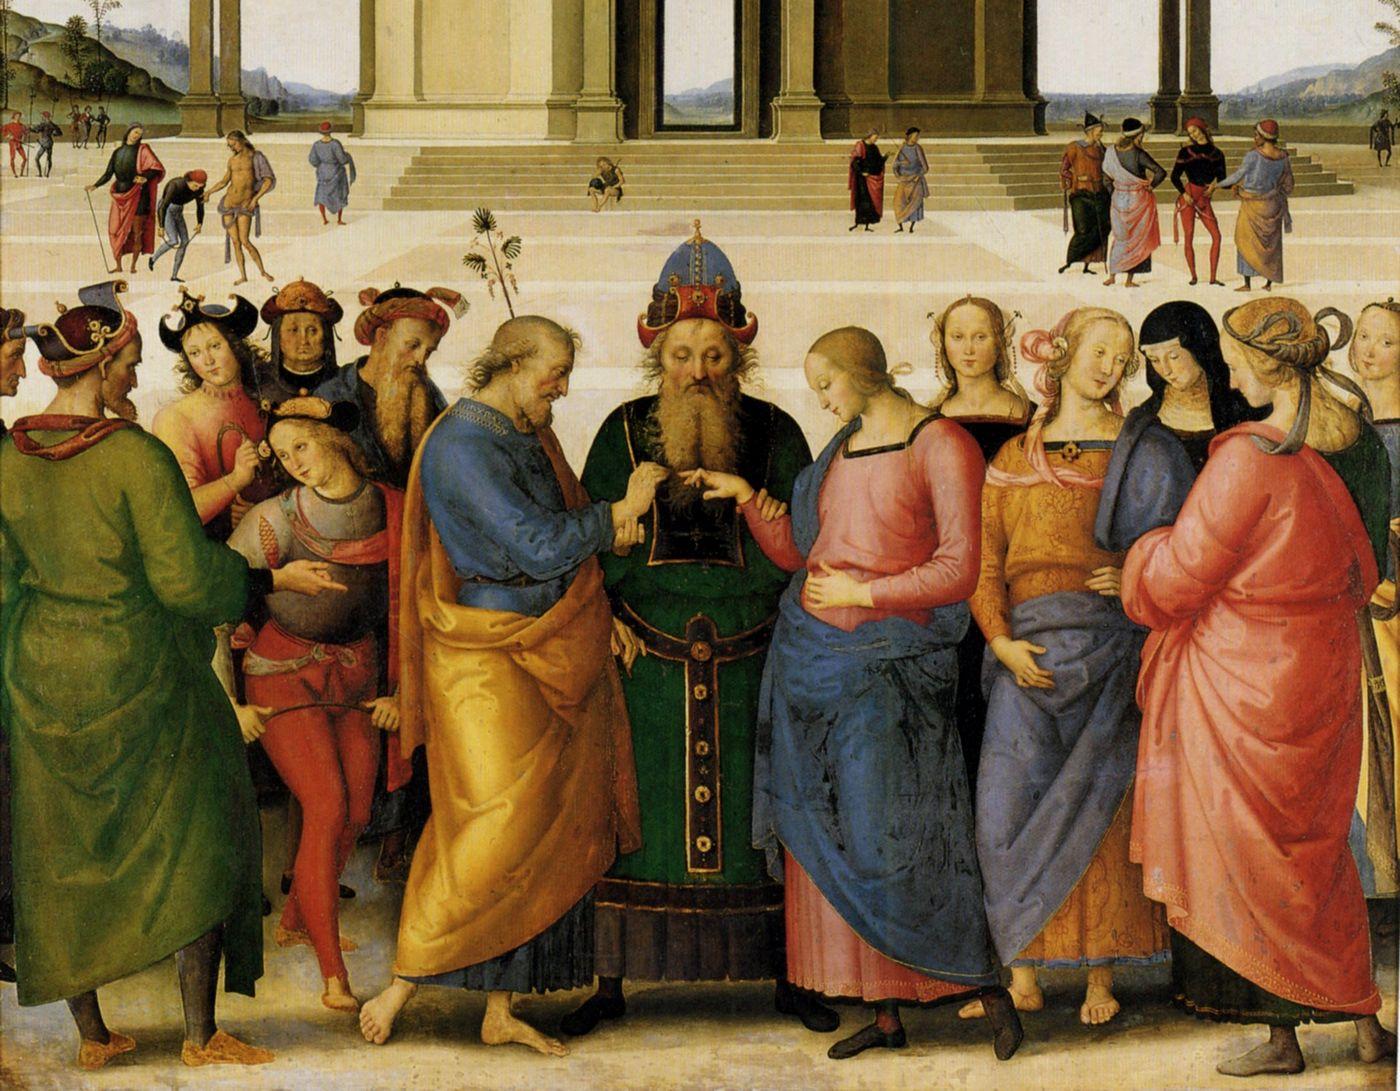 Jesus Matrimonio Biblia : Las particularidades del matrimonio de josé y maría foros de la